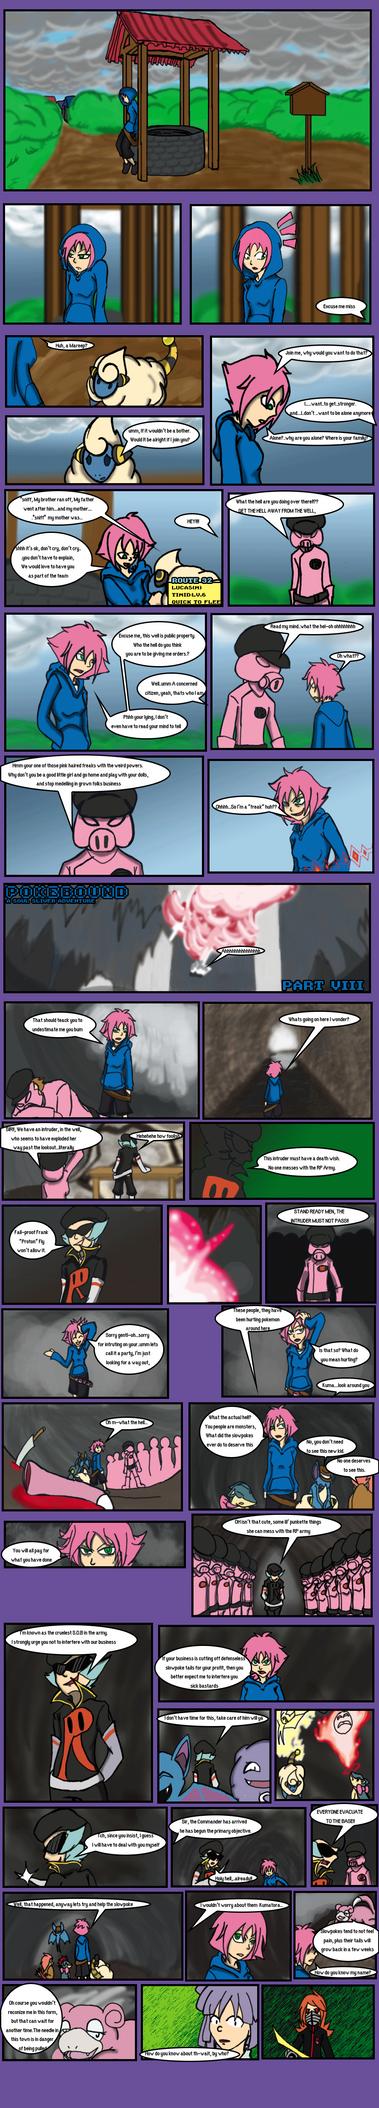 Pokebound 8 by Mastachaos